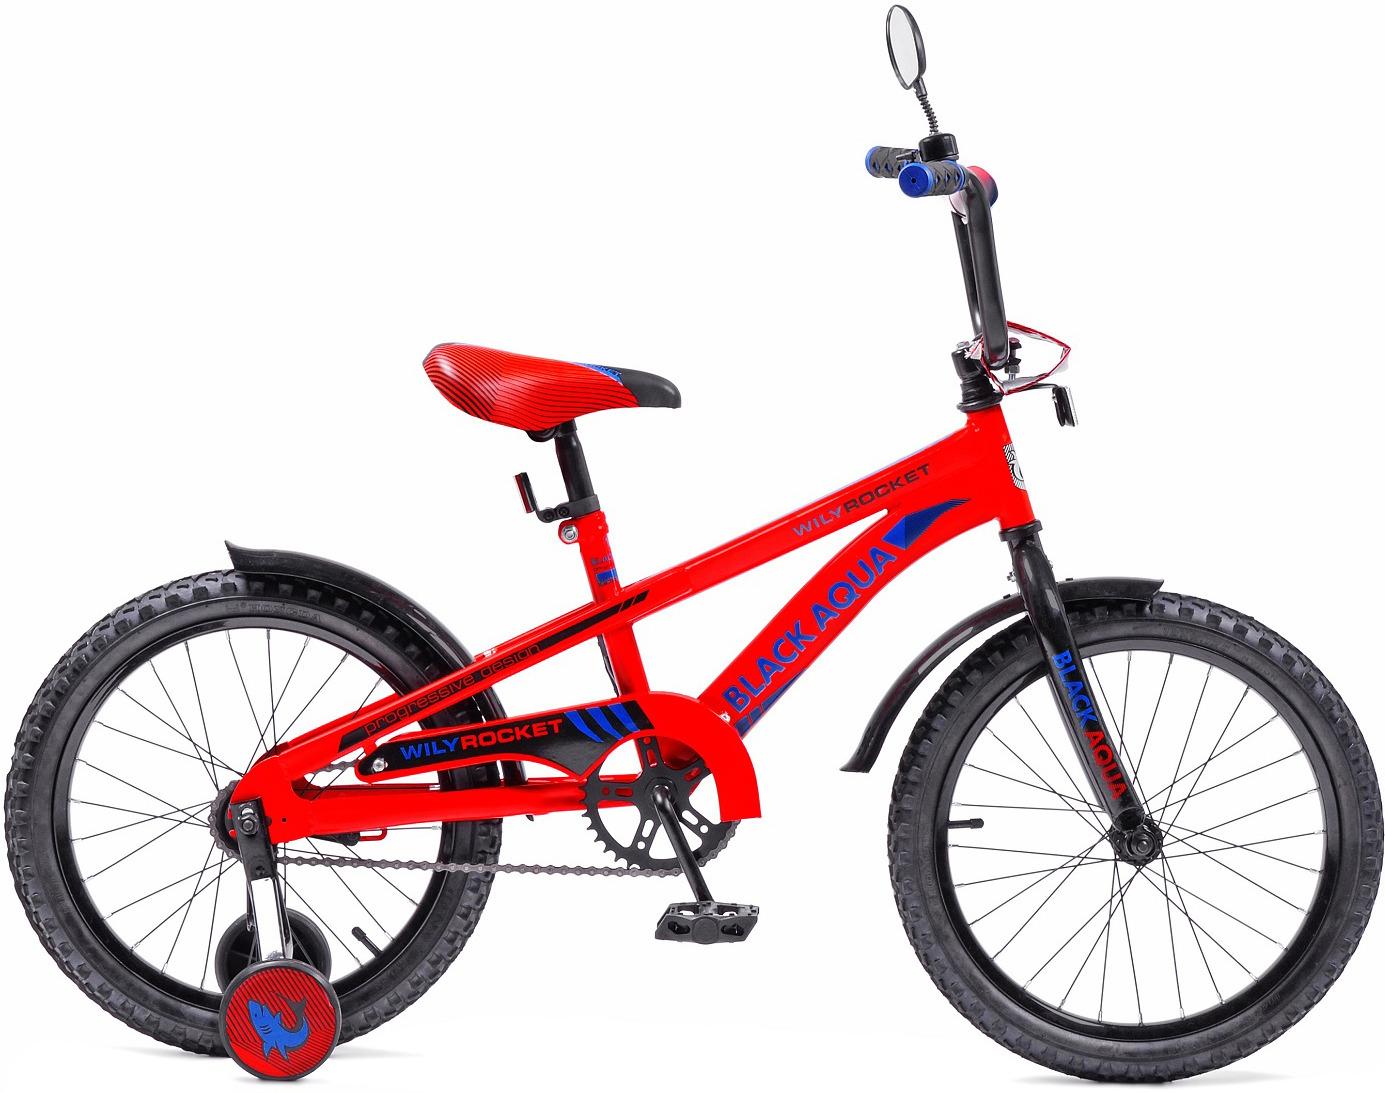 Велосипед детский Black Aqua Wily Rocket, KG1808, колесо 18, красный